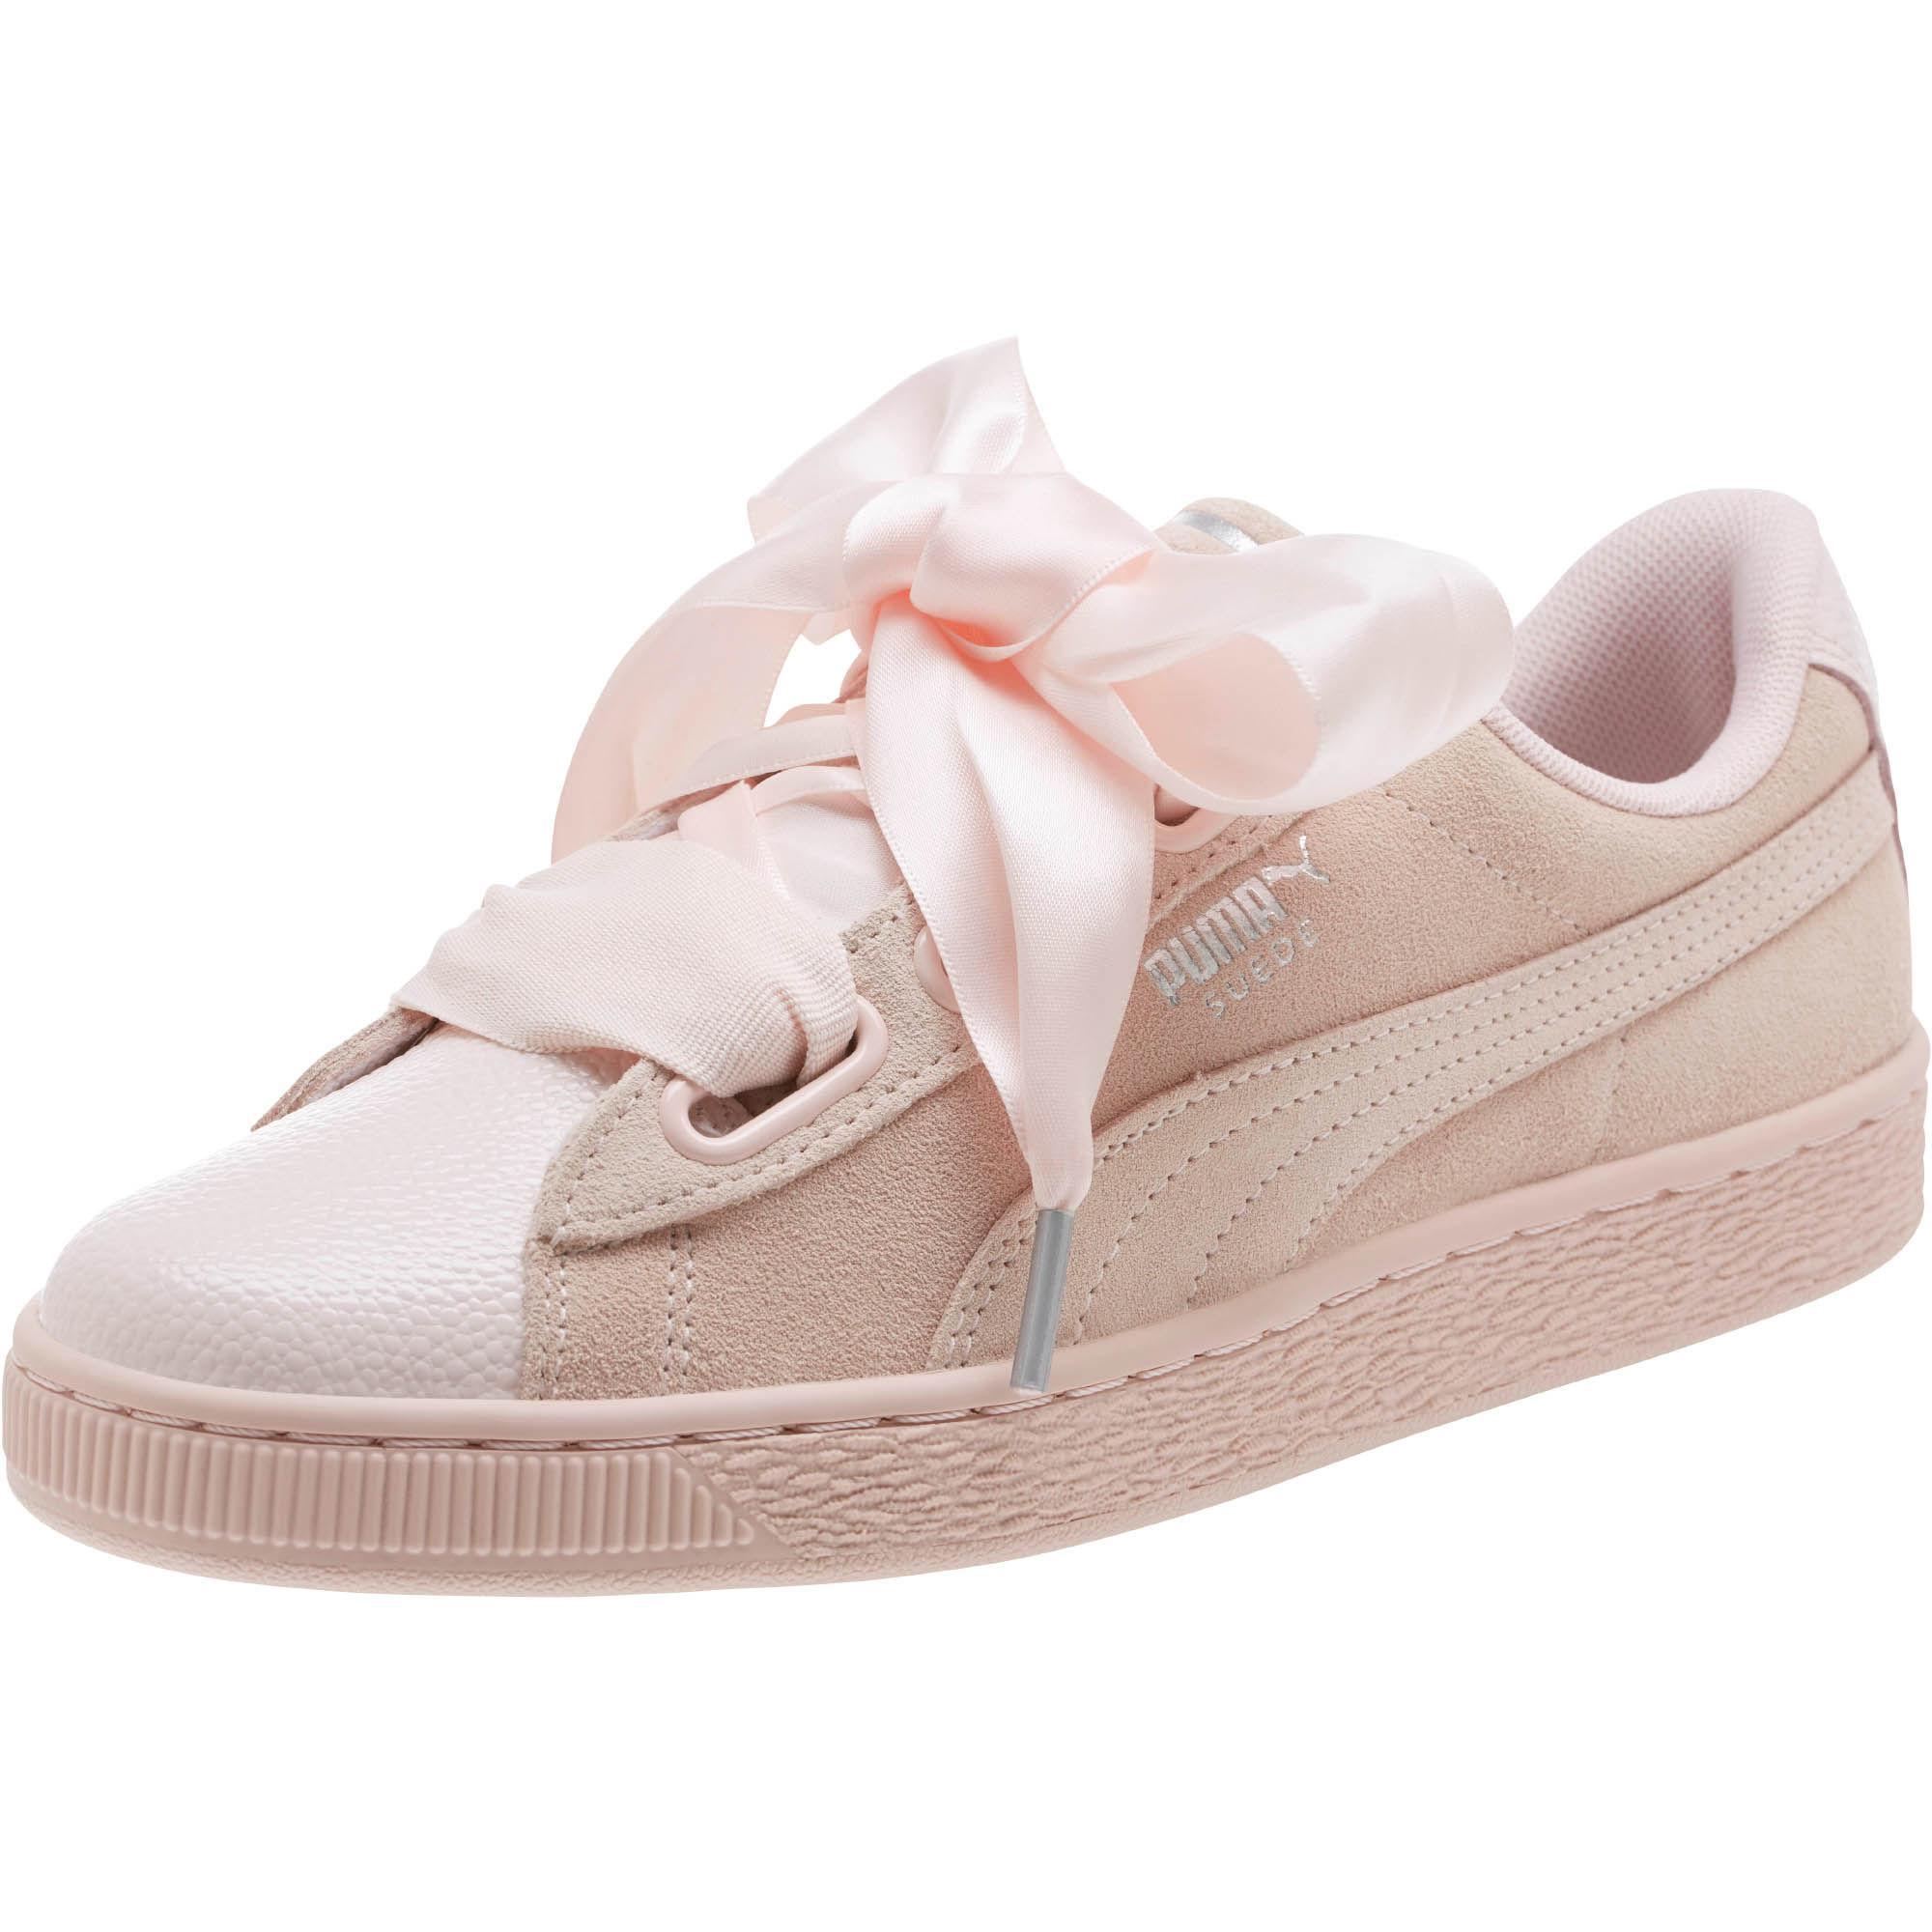 buy online cef73 c4d33 PUMA Suede Heart Bubble Women s Sneakers in Pink - Lyst